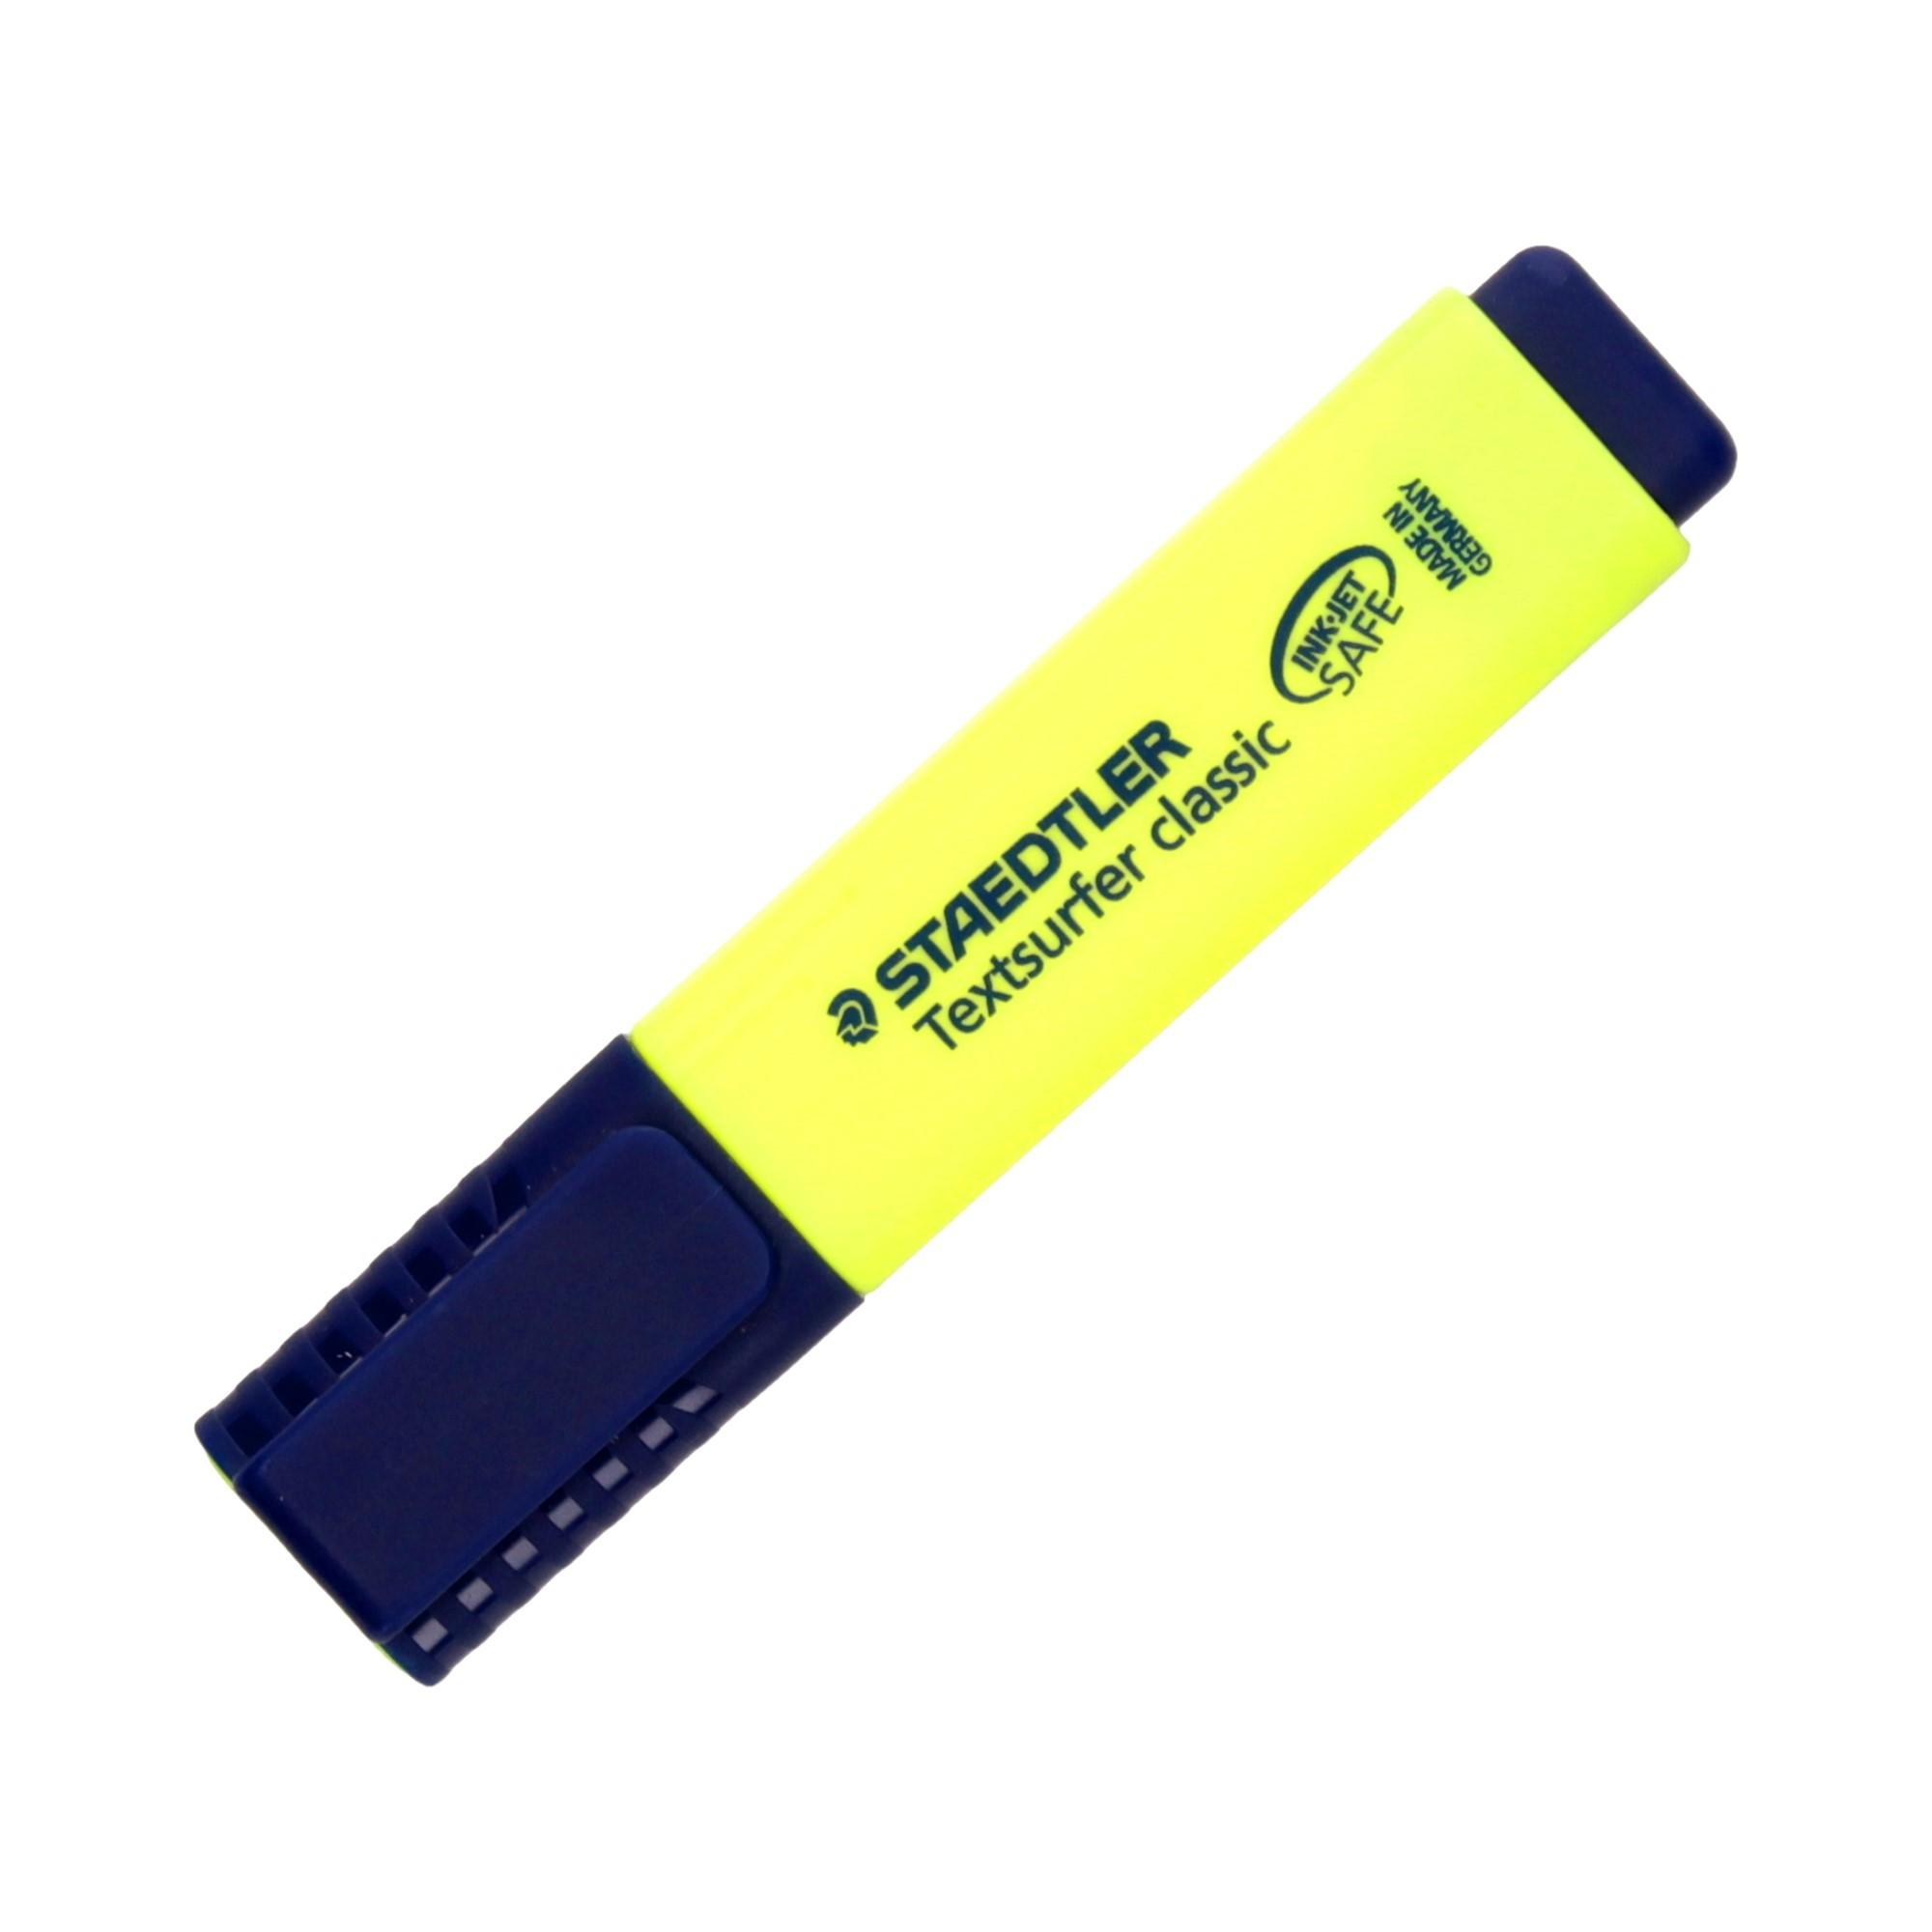 Zakreślacz żółty Textsurfer Classic Staedtler